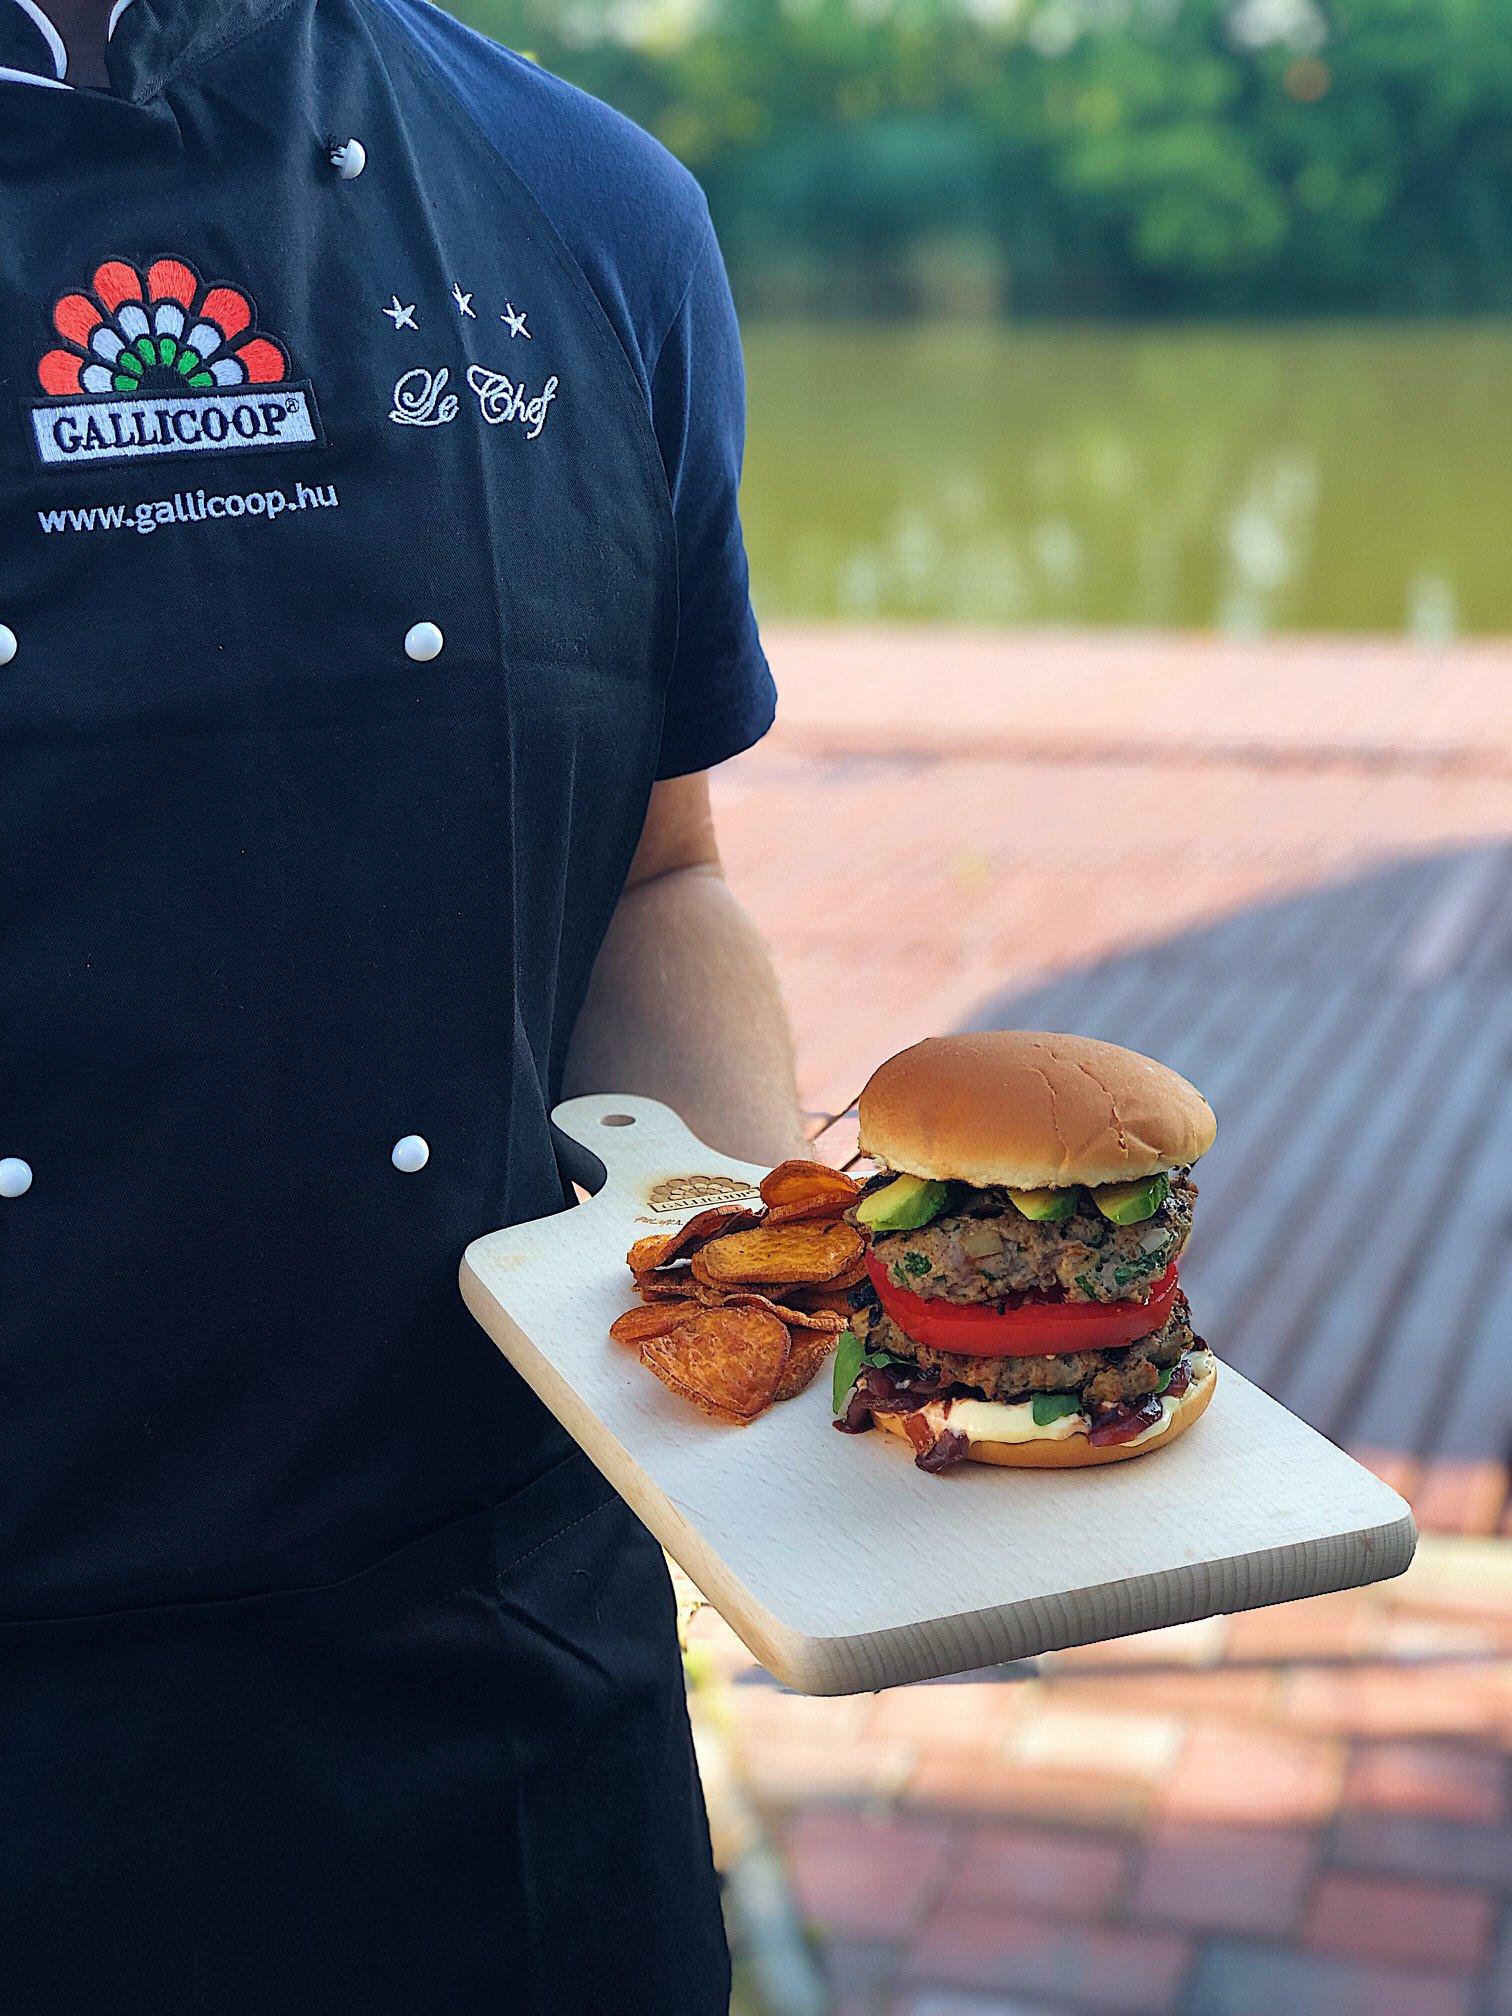 mennyei_hamburger_recept_kicsiknek_es_nagyoknak_blogozine_1.jpg